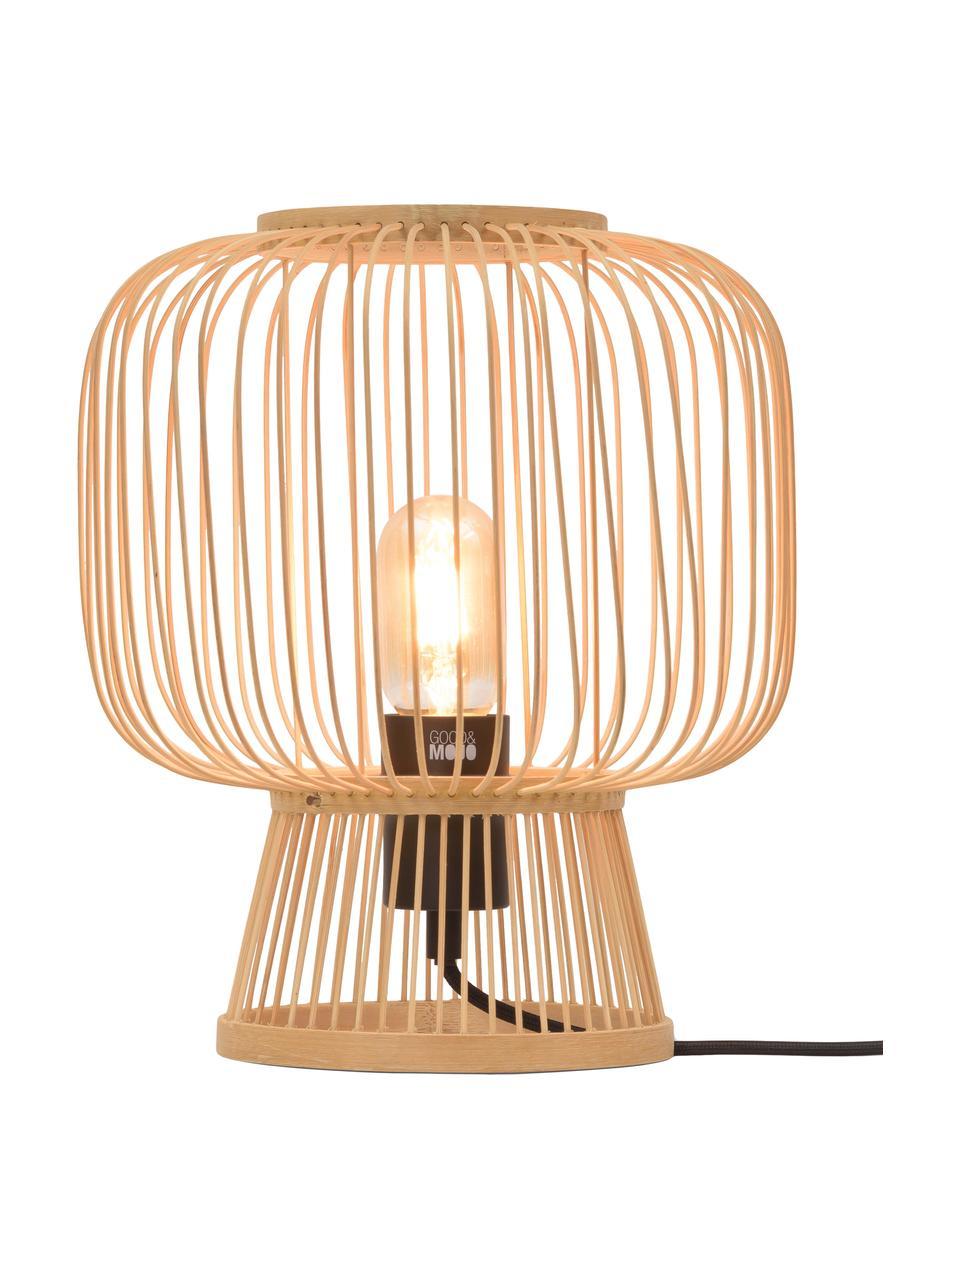 Kleine tafellamp Cango van bamboehout, Lampenkap: bamboe, Beige, zwart, Ø 30 x H 30 cm